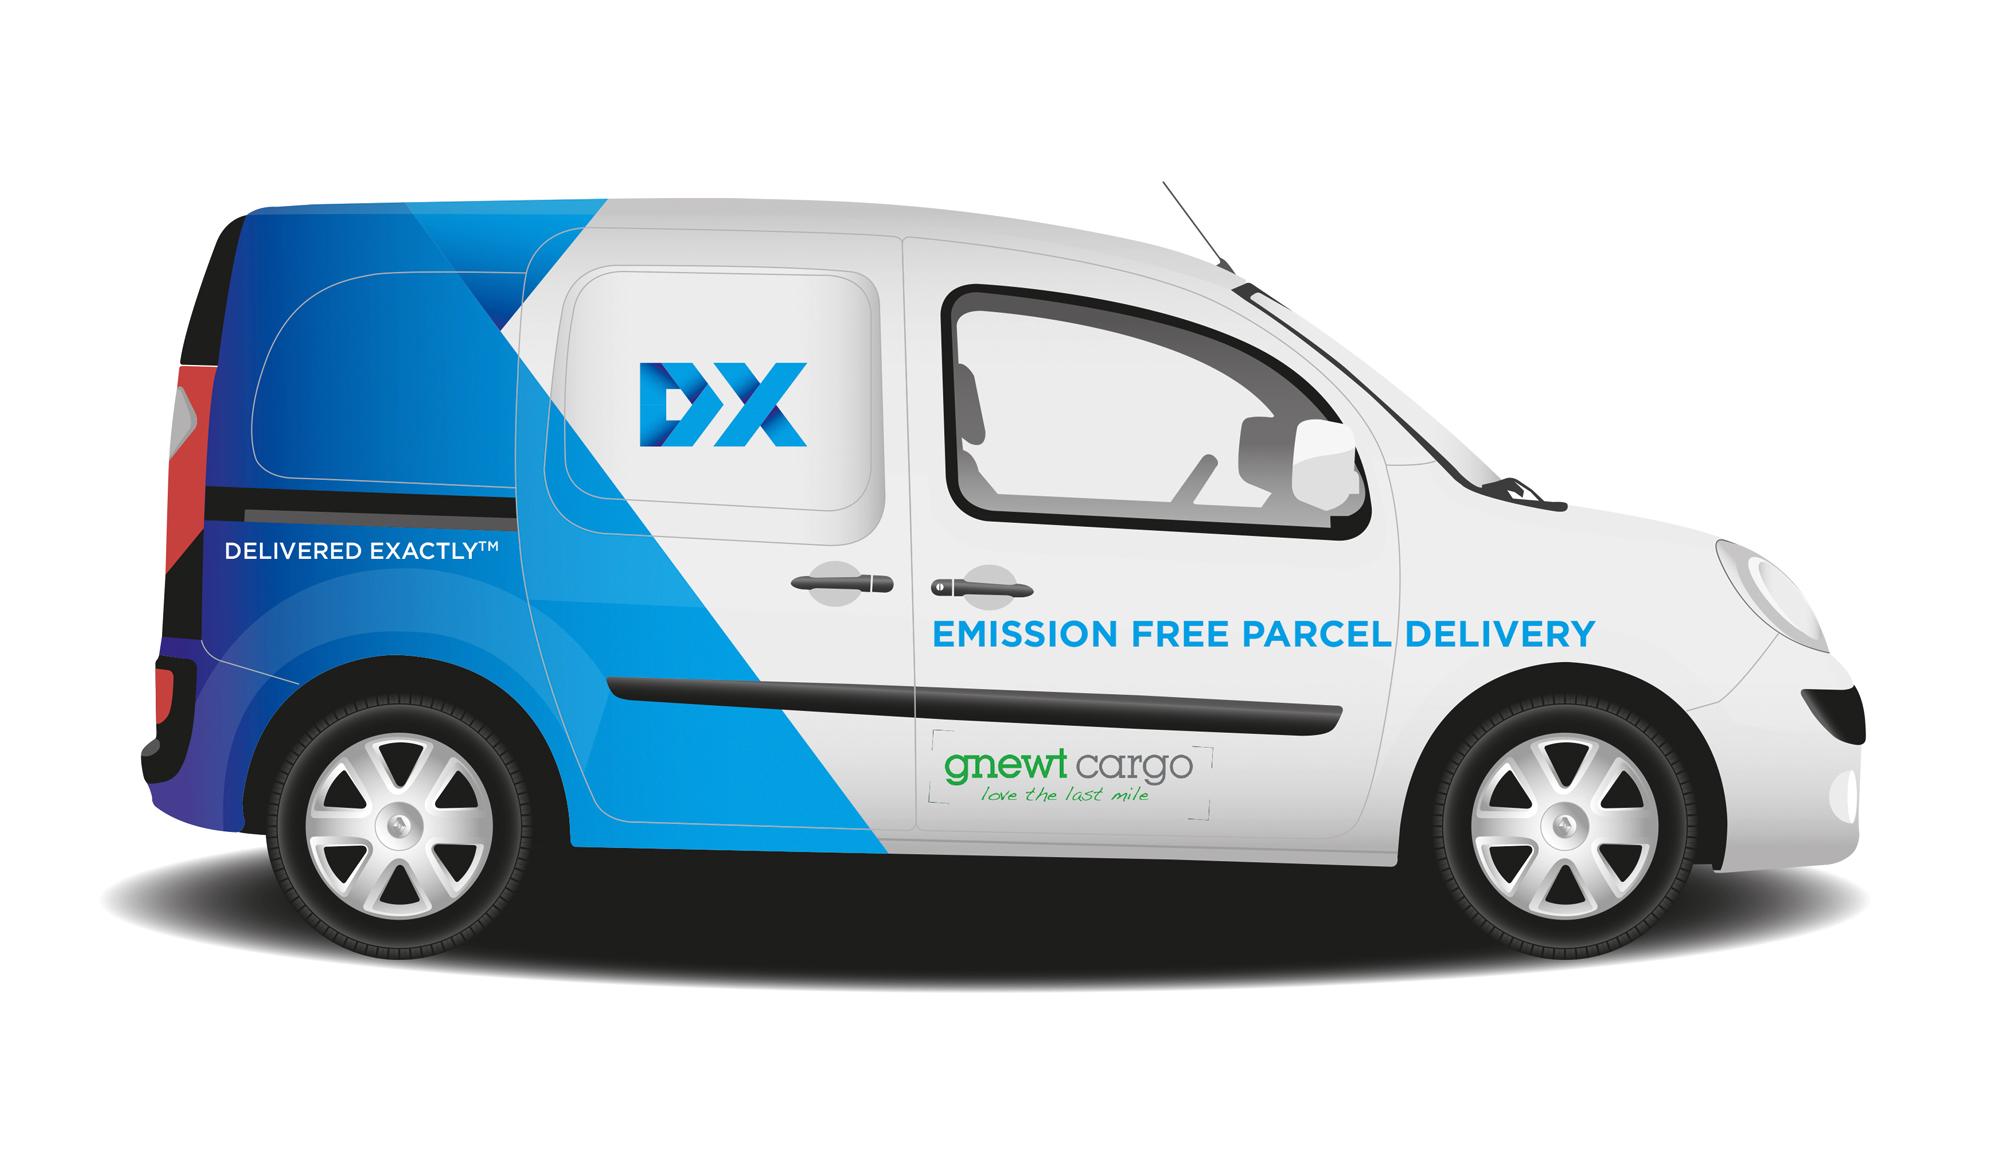 DX vehicle graphics